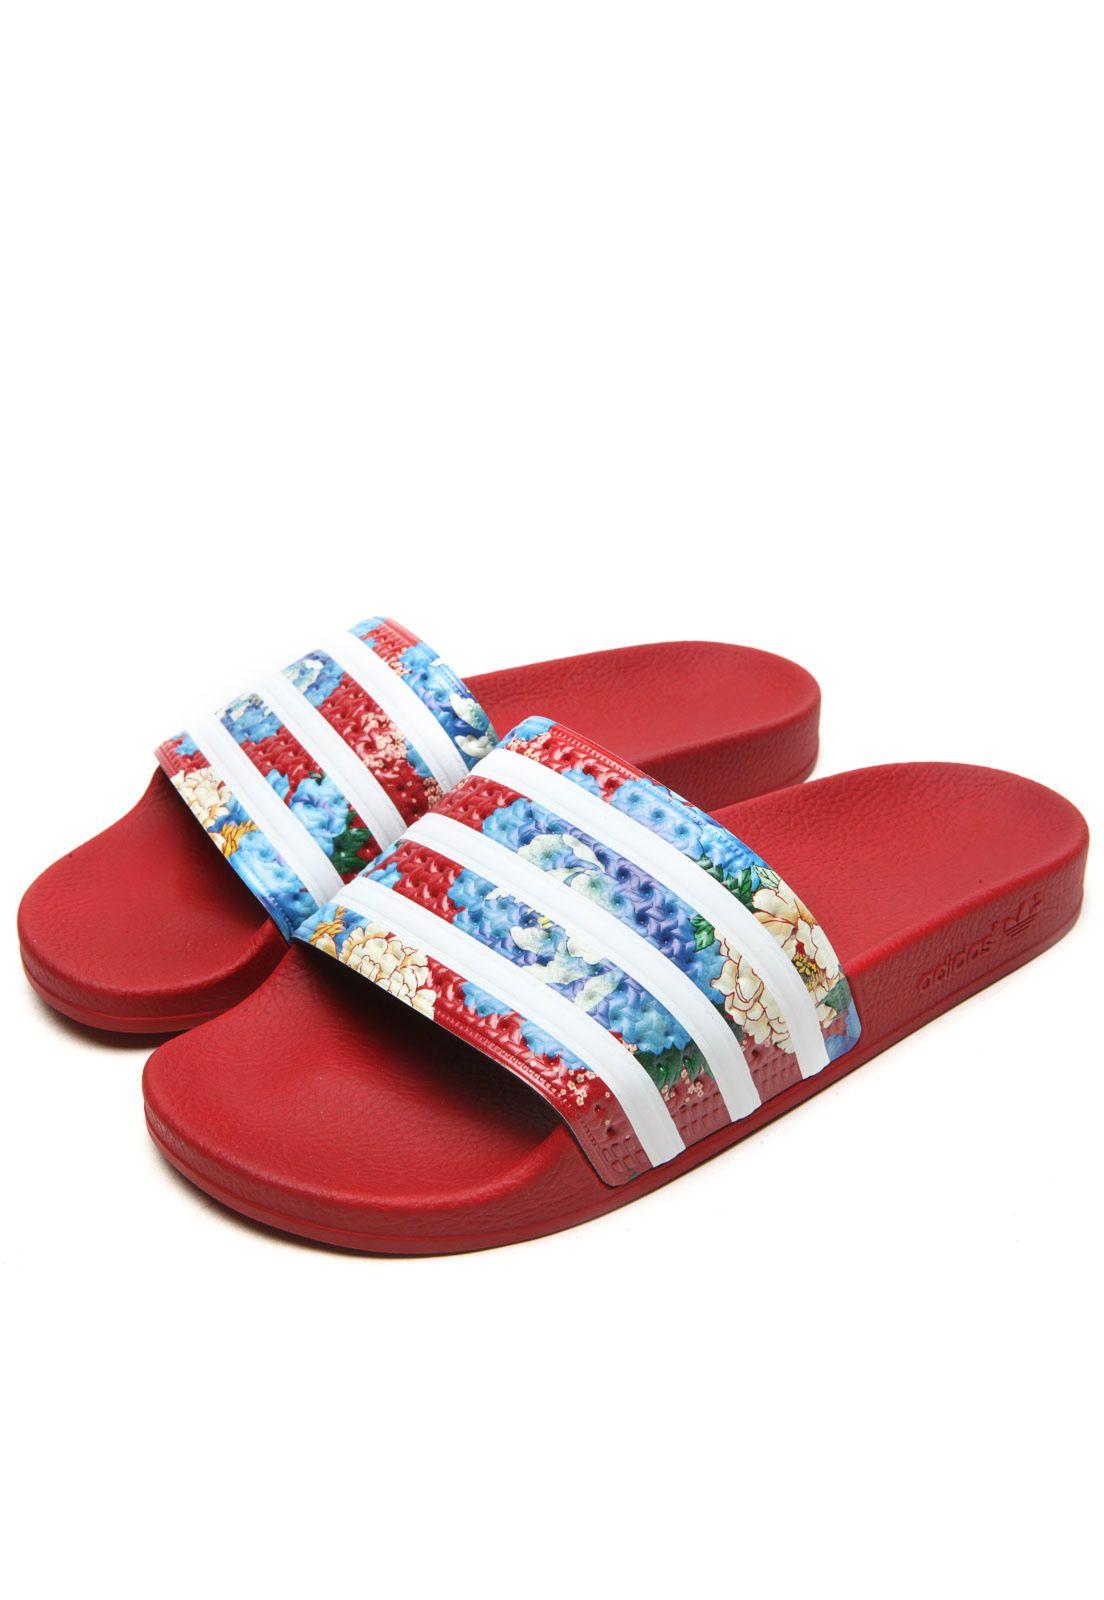 5d0abe59d1 Chinelo Slide adidas Originals FARM Adilette Vermelho Azul - Marca adidas  Originals